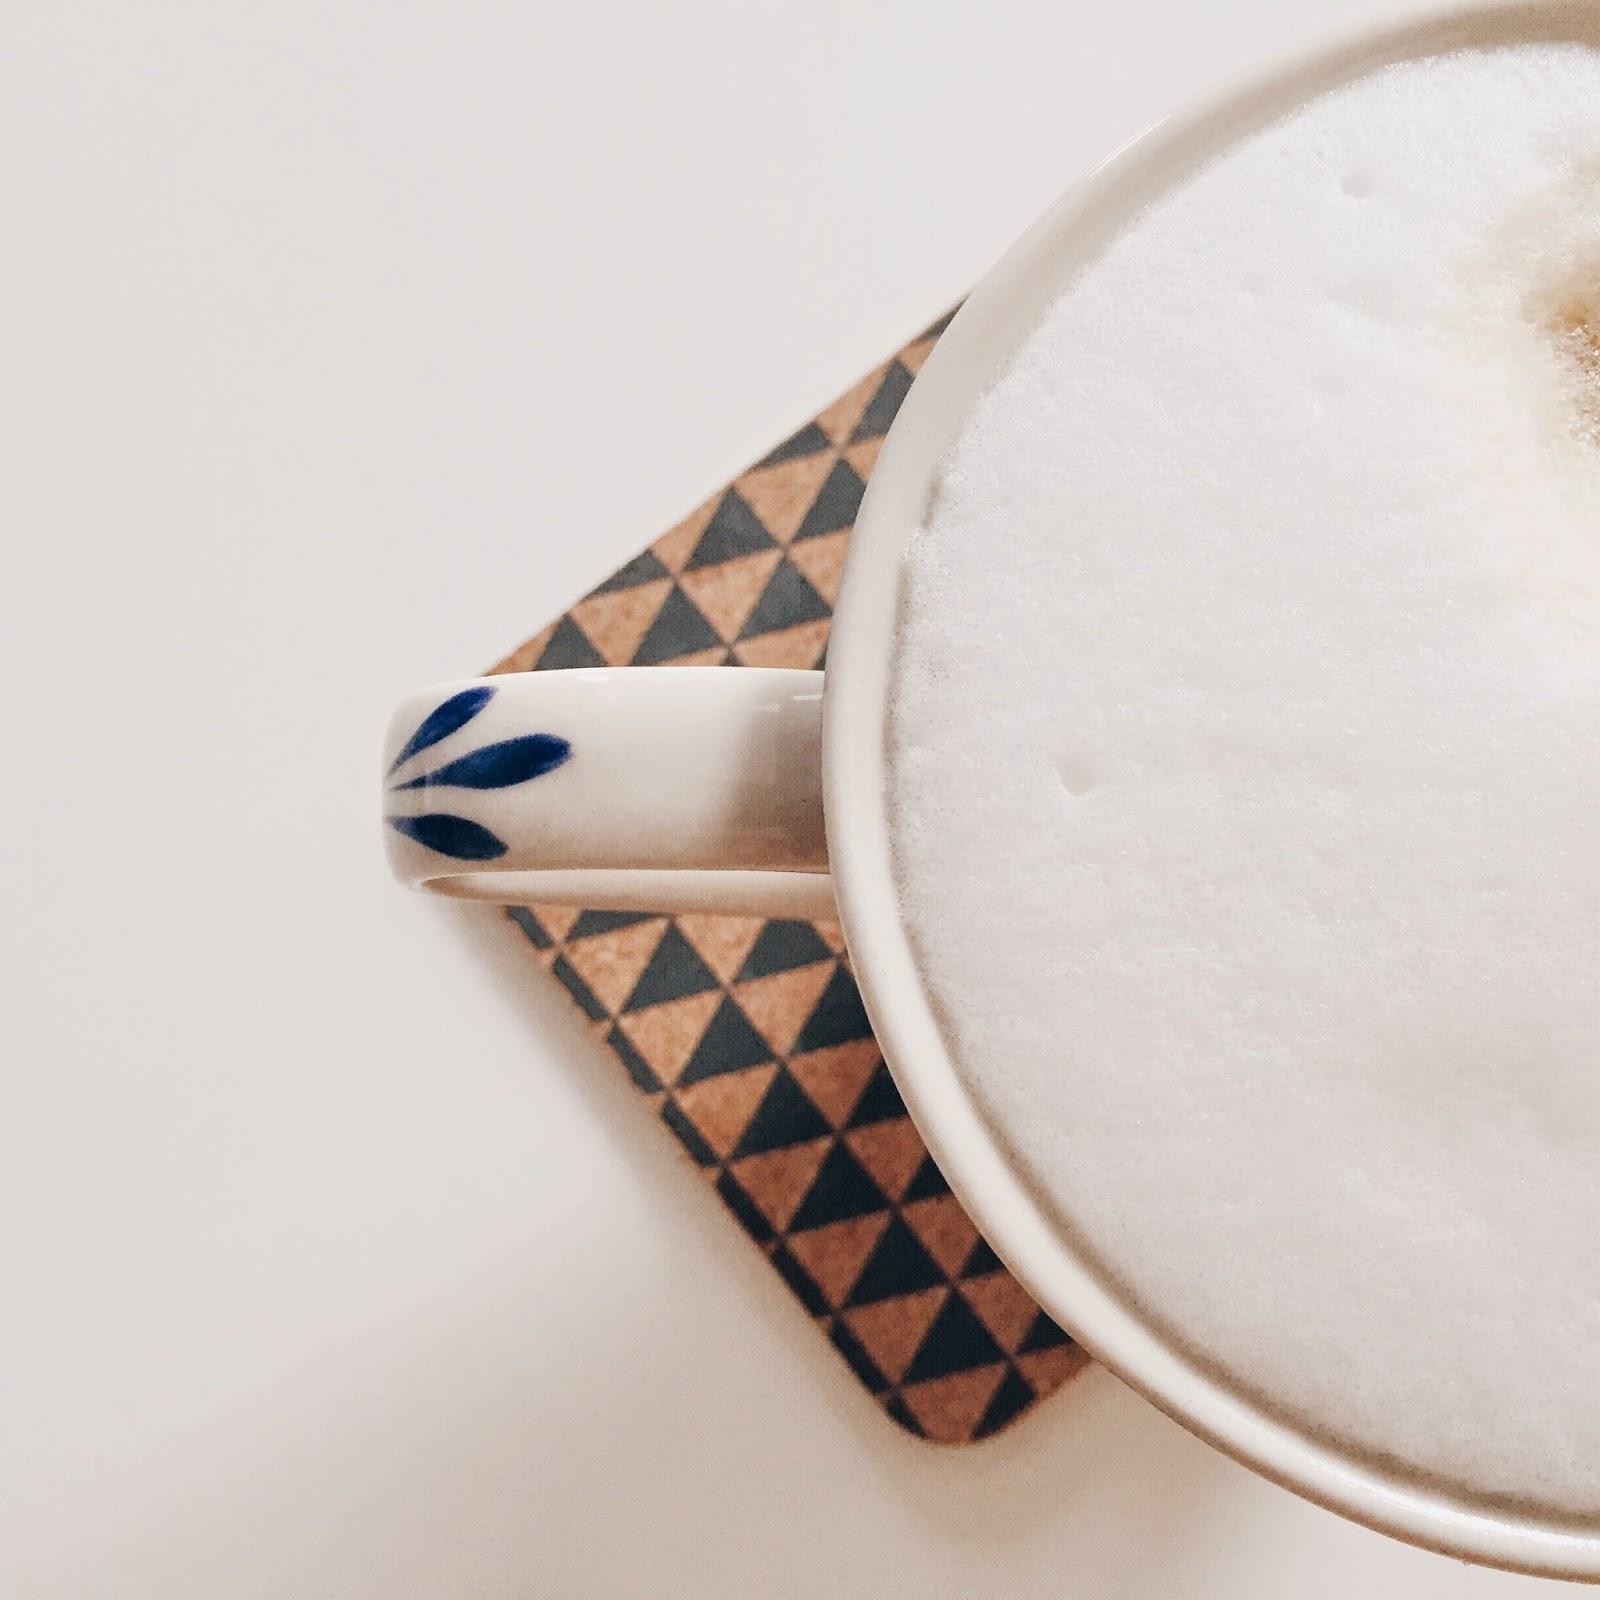 kaffeepause auf konfettiregen